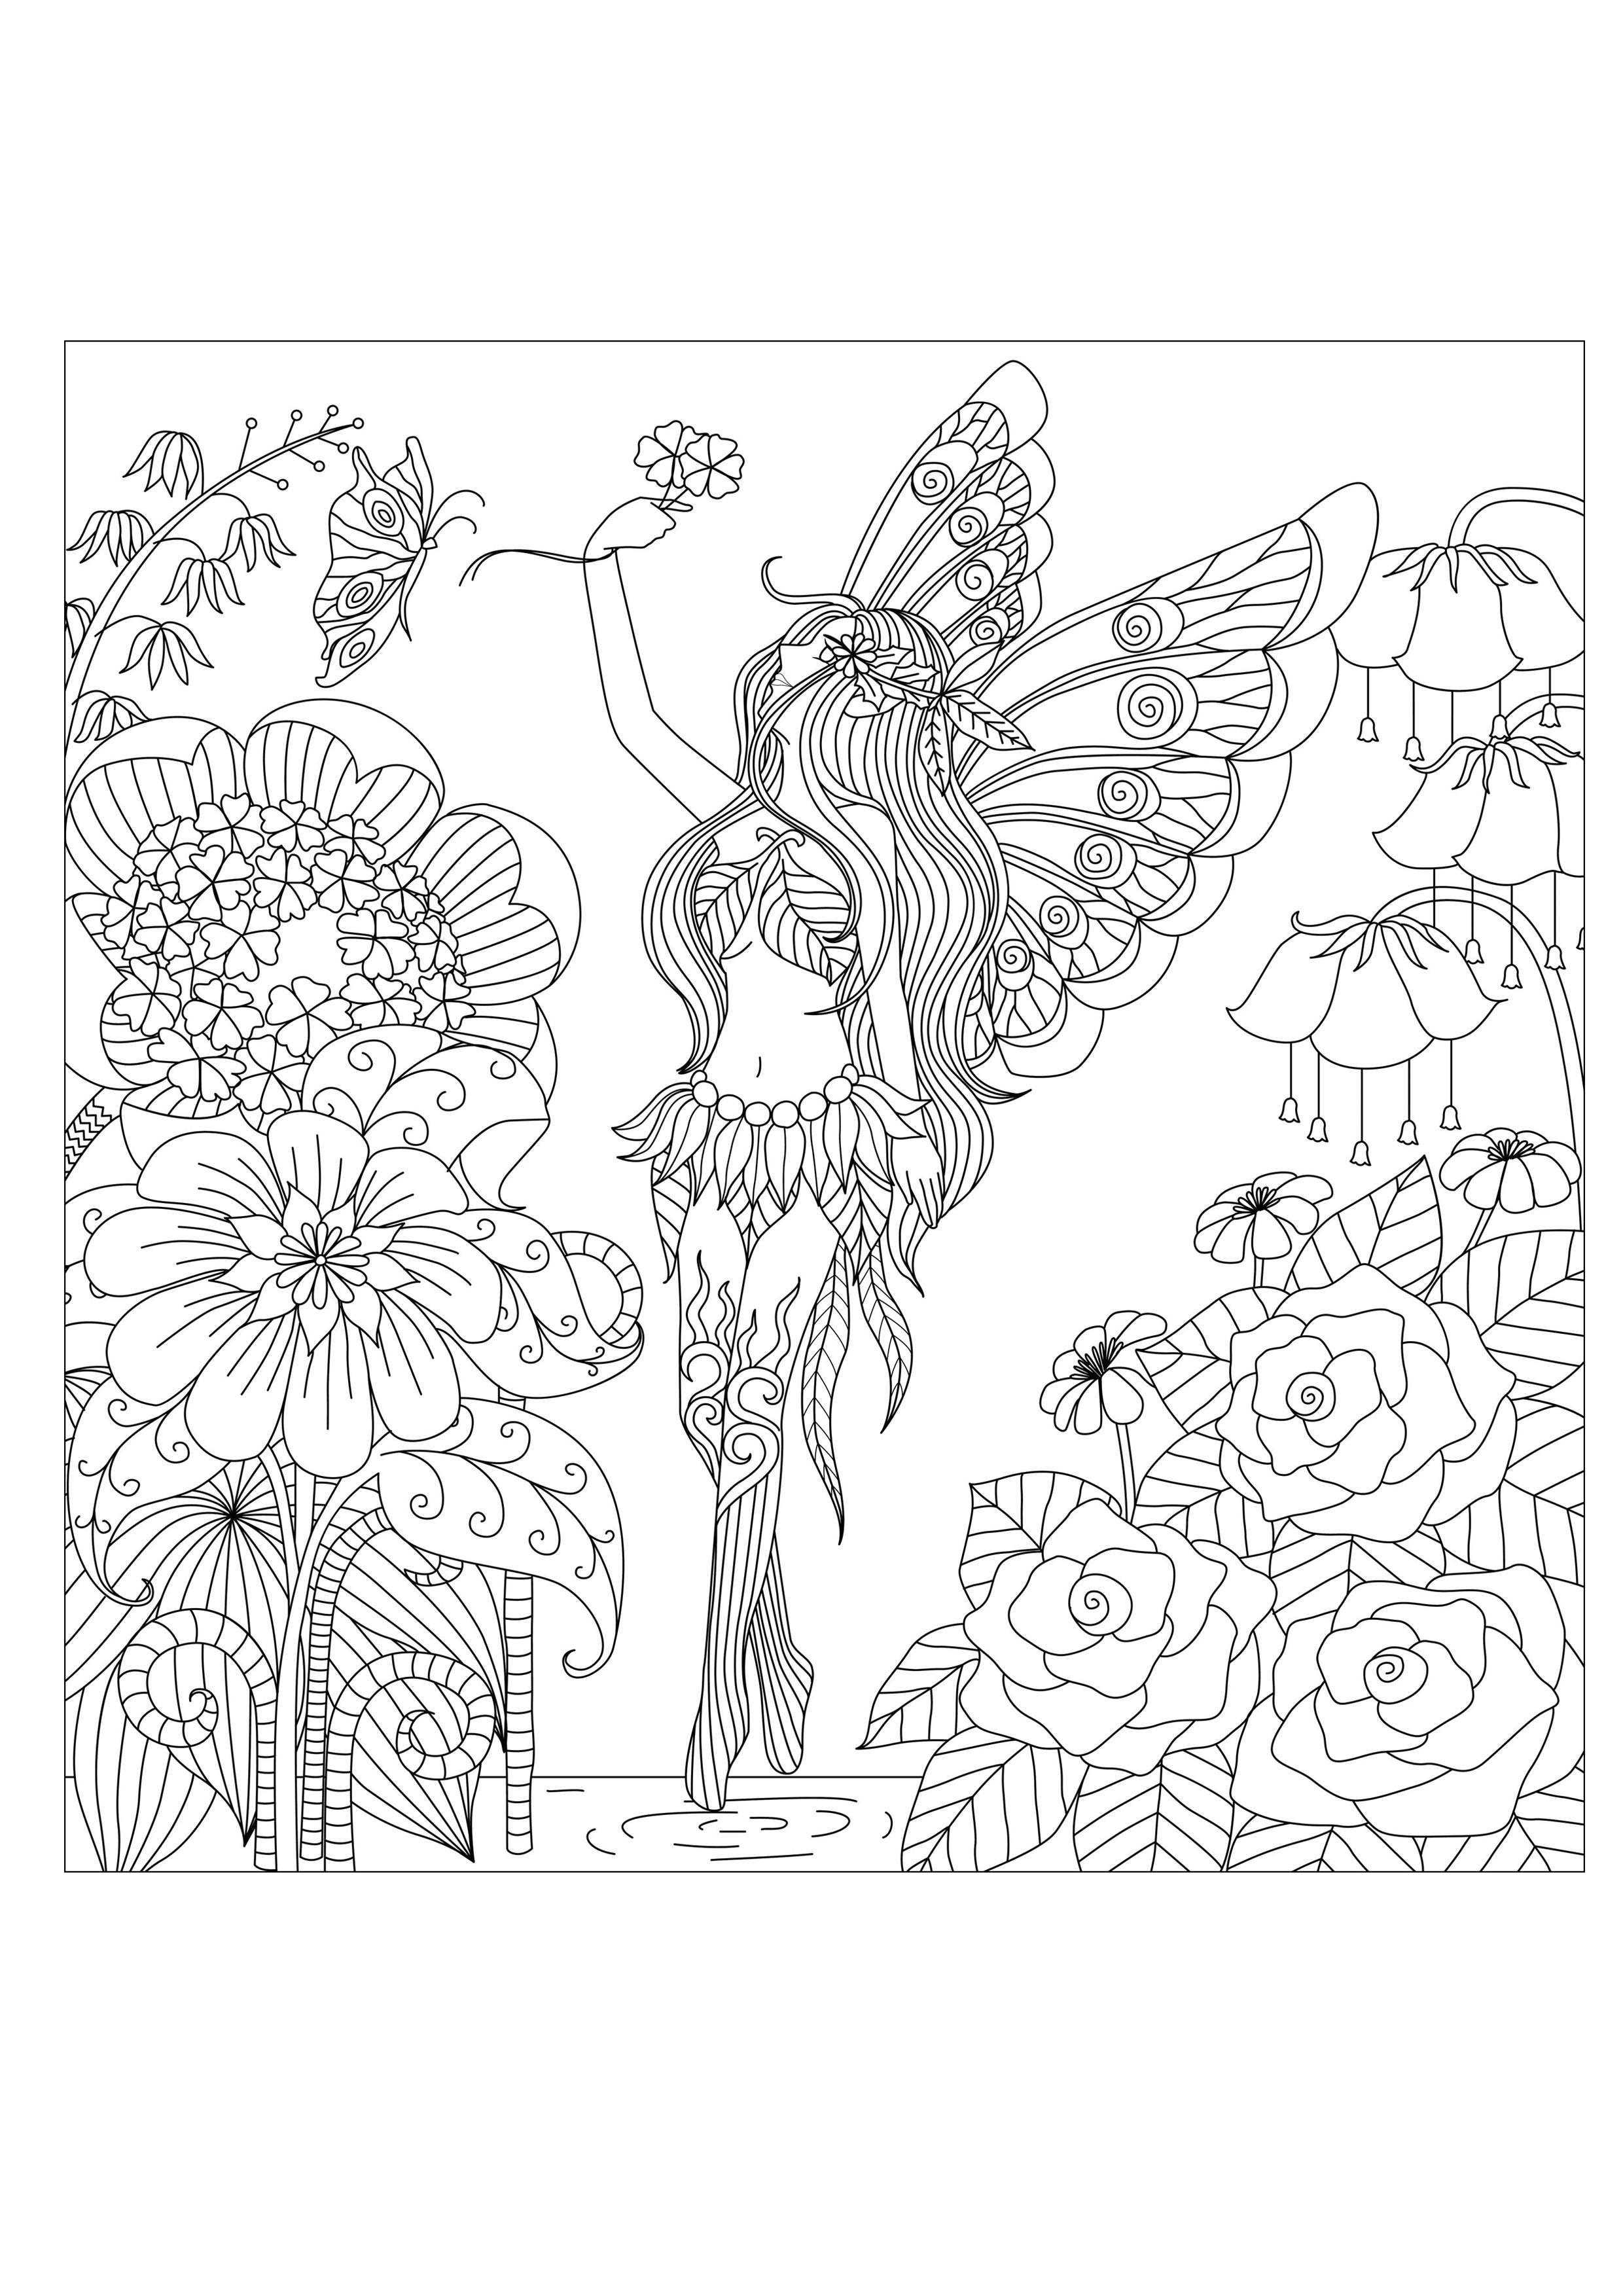 Flores y vegetacion 85554 - Flores y vegetación - Colorear para Adultos